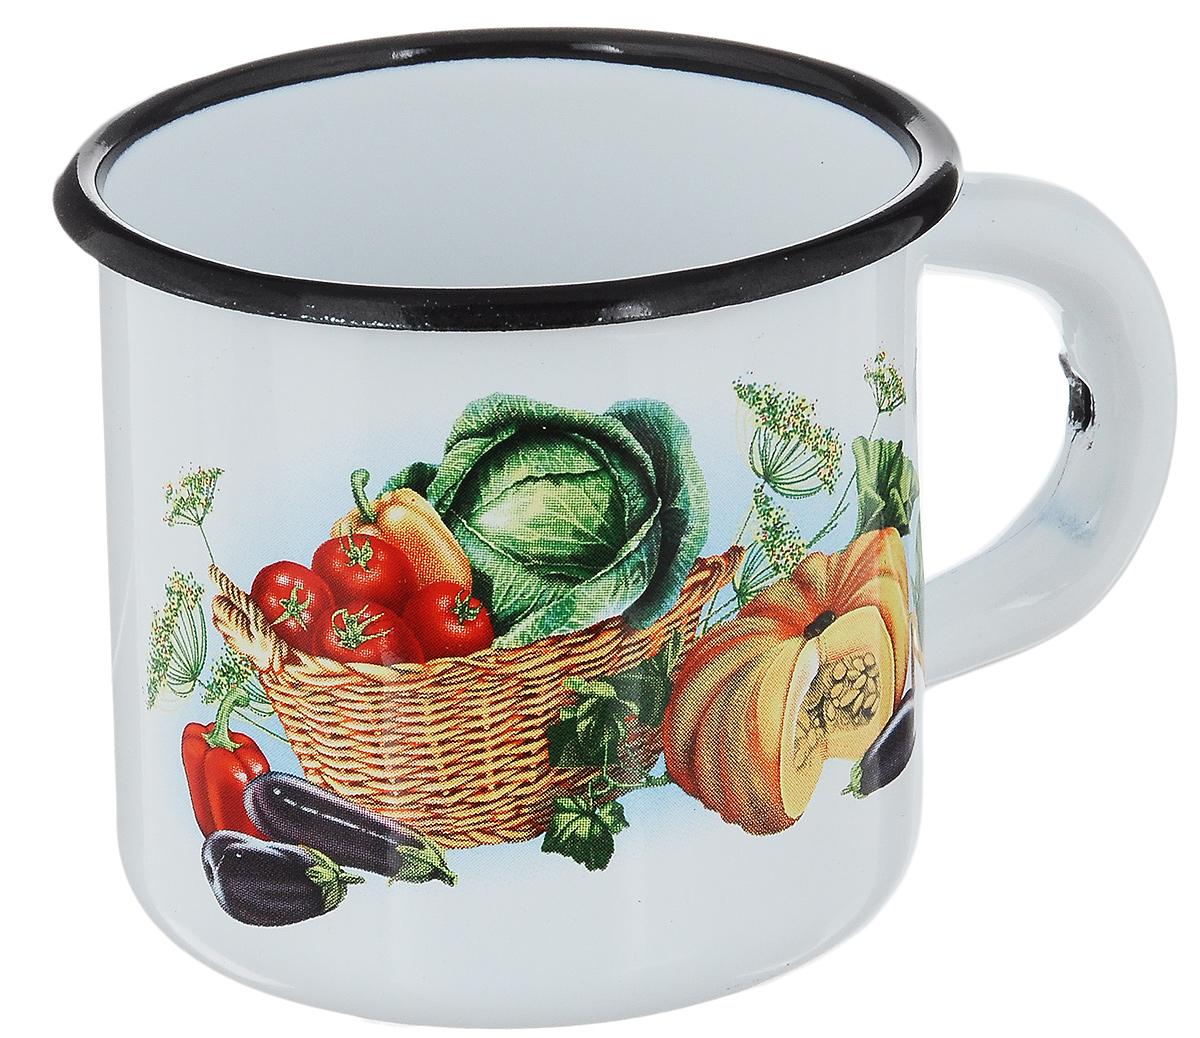 Кружка эмалированная СтальЭмаль Овощи, 250 мл1с1с_белый, красный, зеленыйКружка СтальЭмаль Овощи изготовлена из высококачественной стали с эмалированным покрытием. Она оснащена удобной ручкой и украшена ярким рисунком. Такая кружка не требует особого ухода, и ее легко мыть. Изделие прекрасно подходит для подогрева молока и многого другого. Благодаря классическому дизайну и удобству в использовании кружка займет достойное место на вашей кухне. Диаметр кружки (по верхнему краю): 7,5 см. Высота кружки: 7 см.